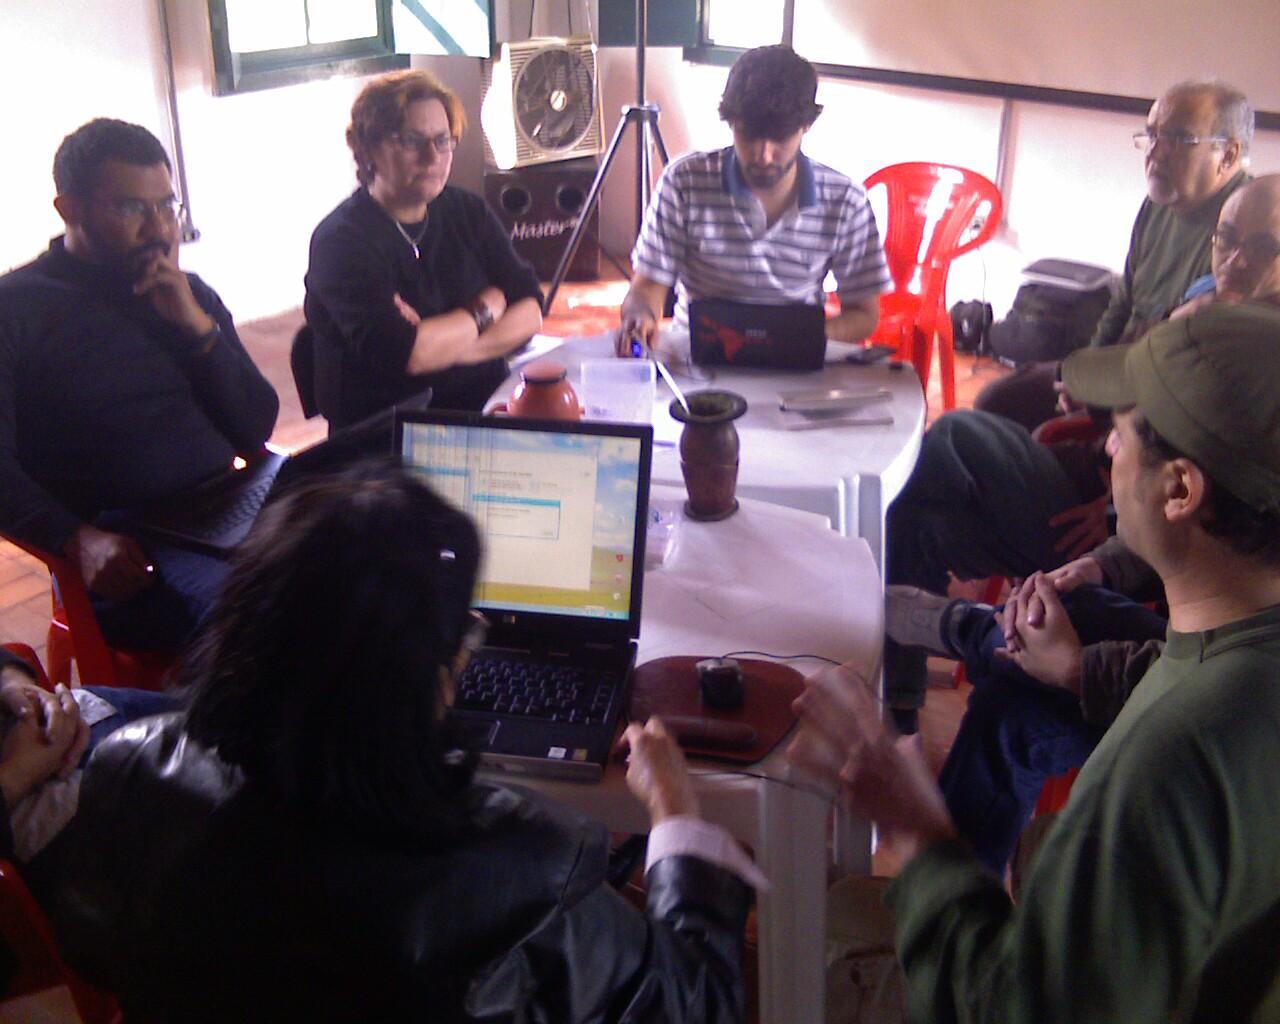 Encontro dos #PontosdeCultura sobre a @TeiaSul em #Floripa #CulturaViva